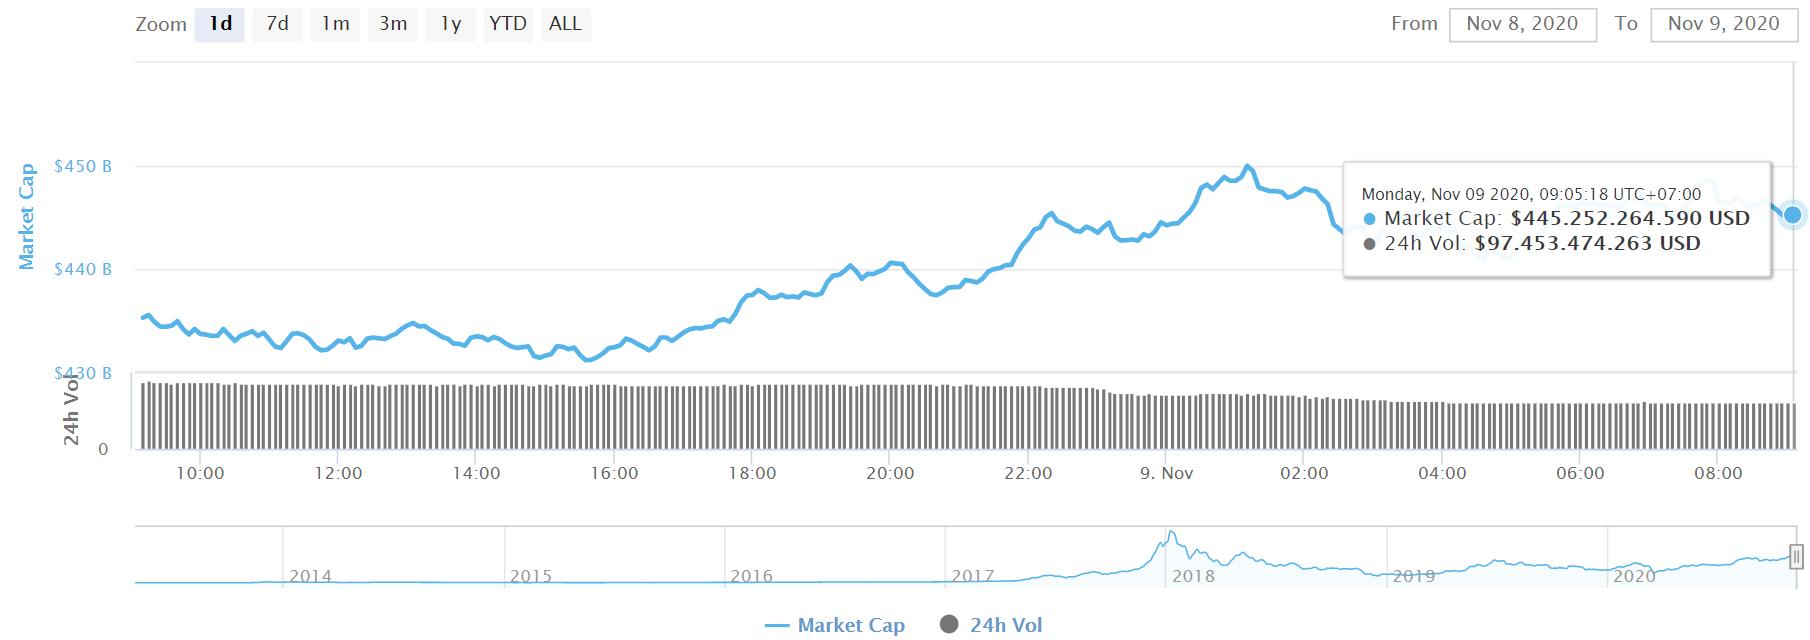 إجمالي رسملة سوق العملات الافتراضية